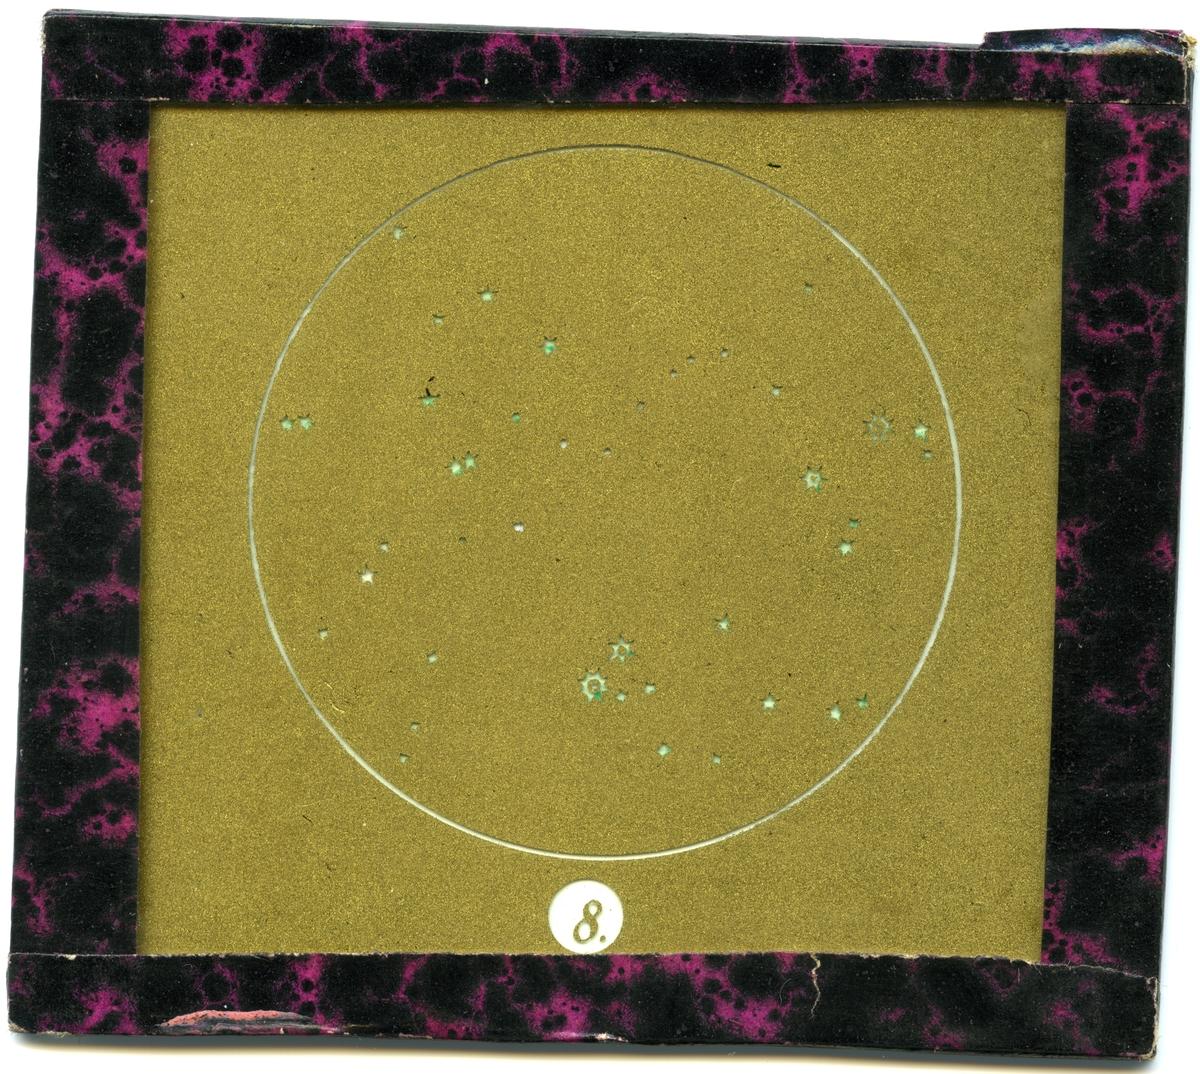 Målad bild på glas för skioptikon/laterna magica.  Bild av stjärnhimlen.